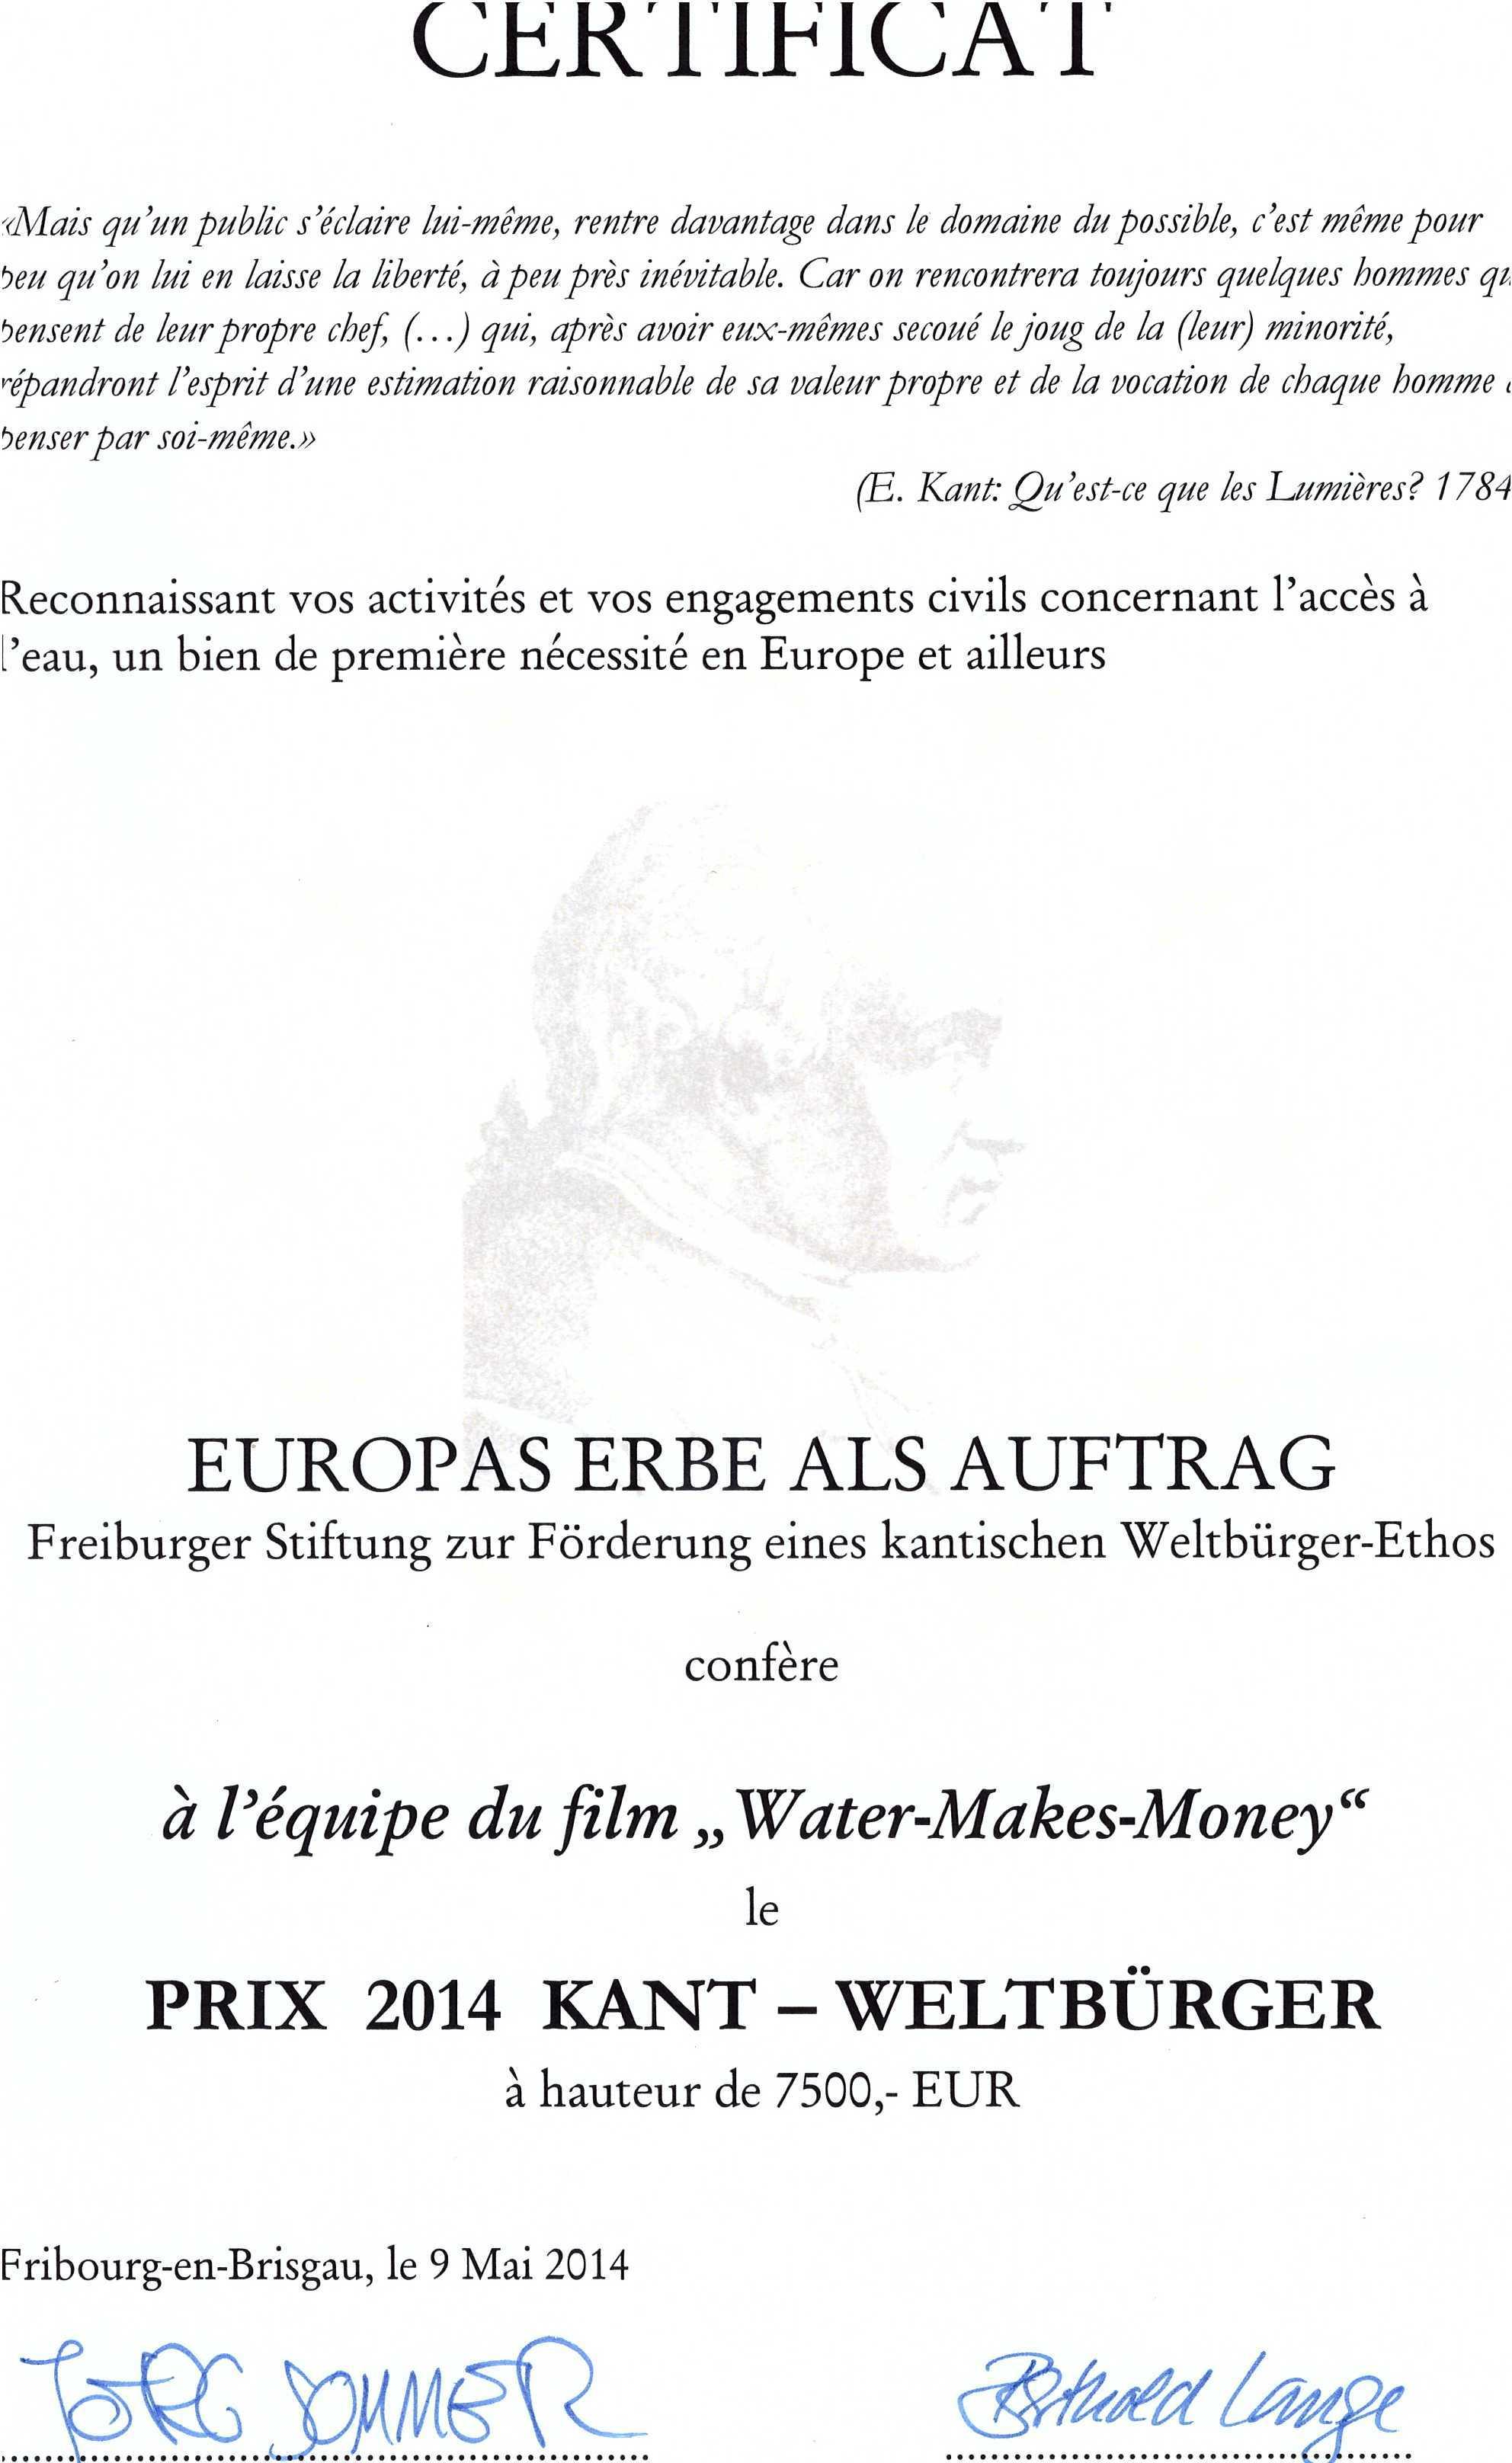 """Remise du prix """"Citoyen du Monde"""" du philosophe Emmanuel Kant le 9 mai 2014 à l'Université Albert Ludwig de Fribourg (Allemagne) pour le film Water makes money à L Franke, H Lorenz, M Pigeon et JL Touly"""